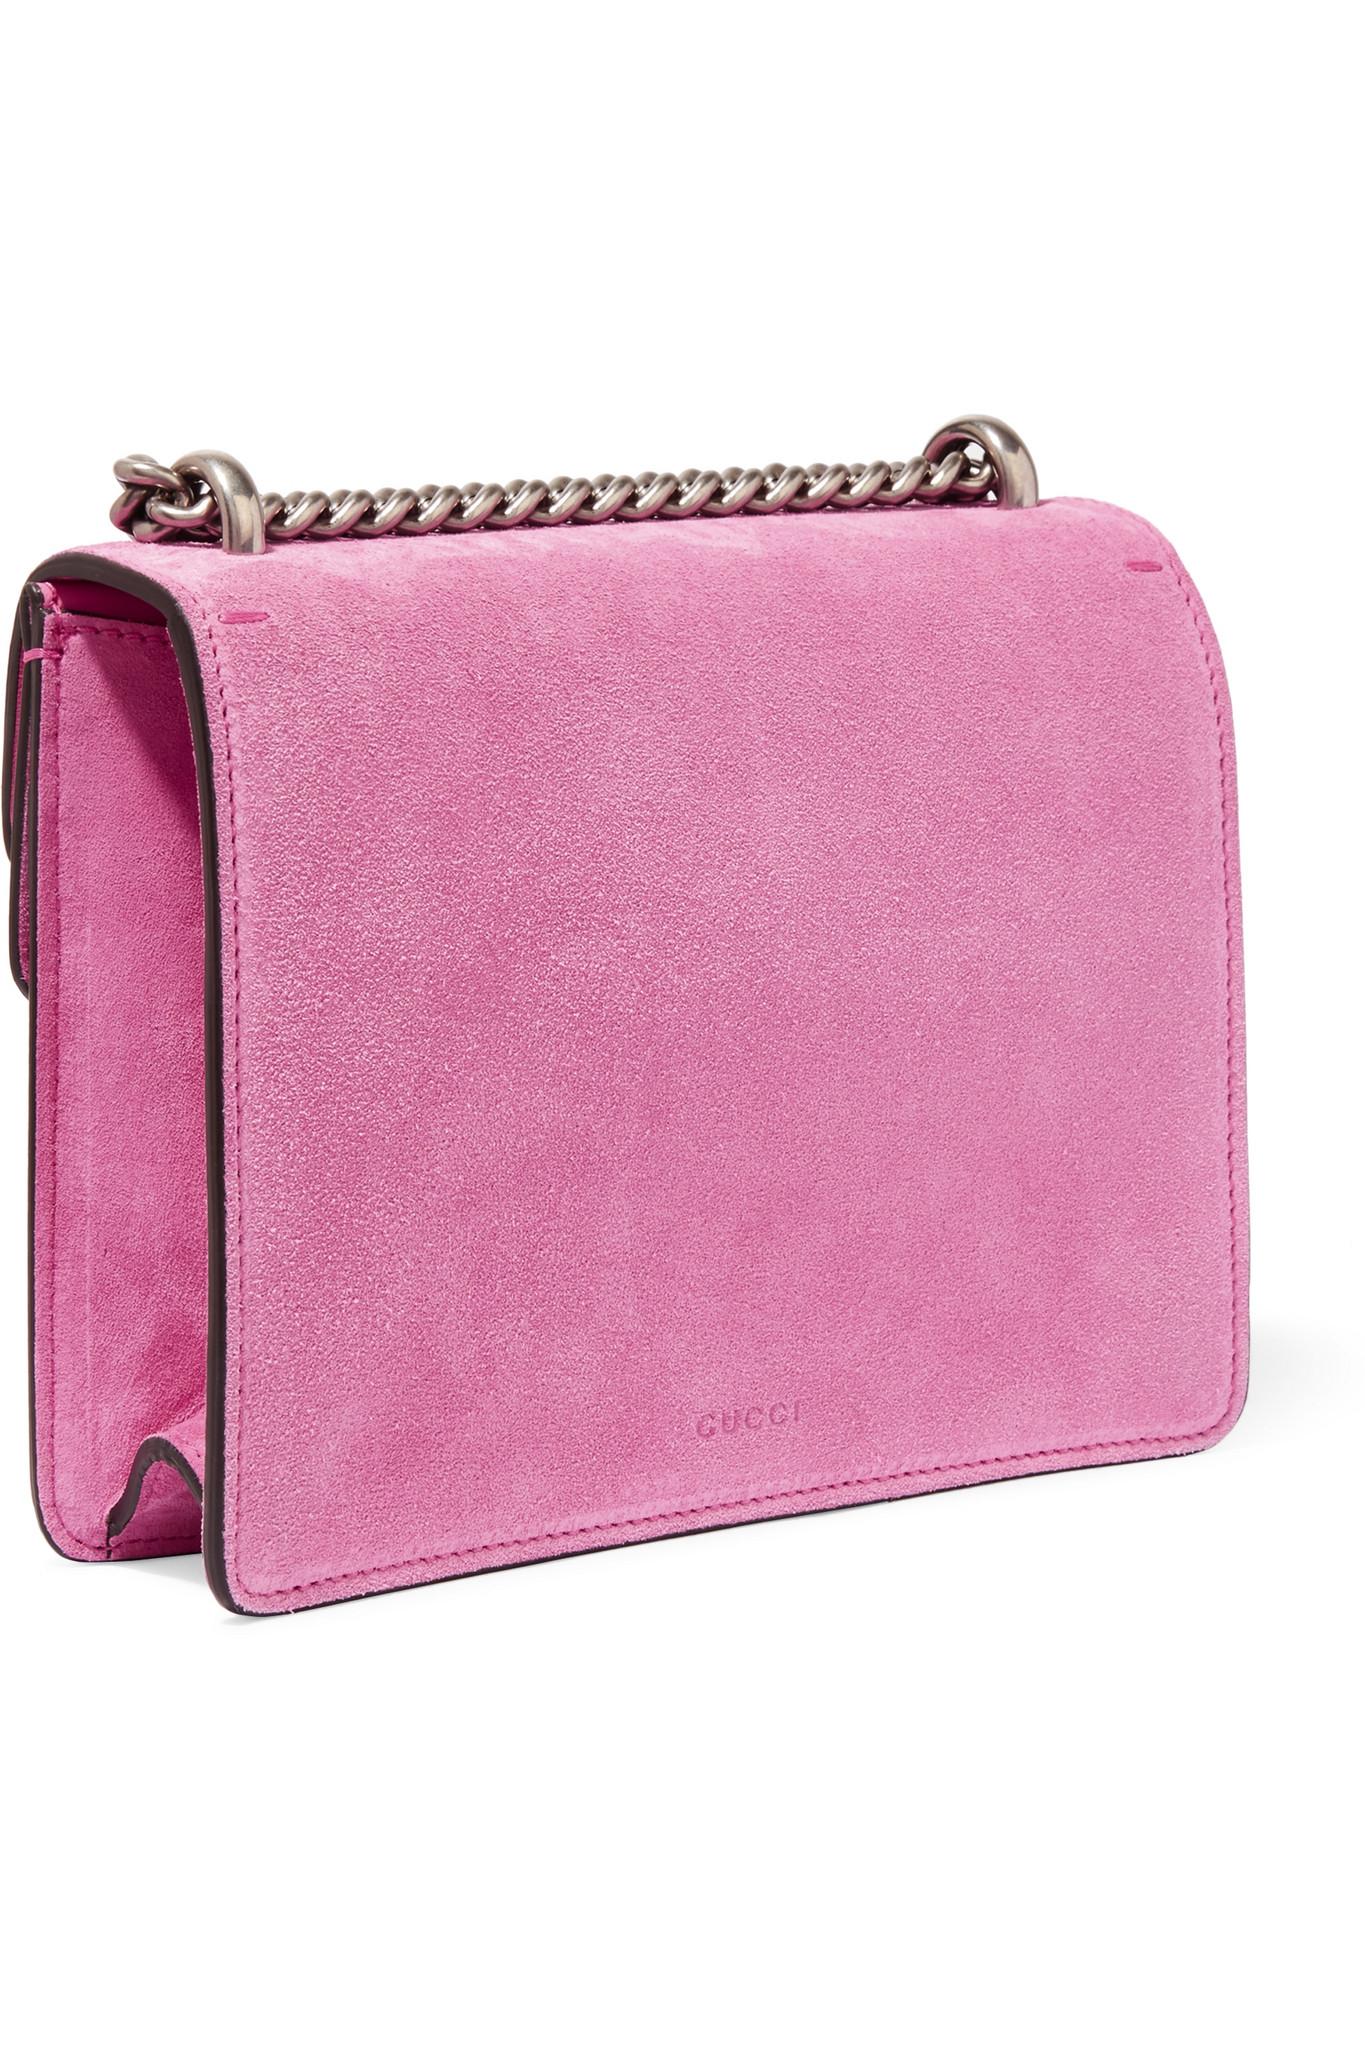 c85e45e4e Gucci Dionysus Mini Suede Shoulder Bag in Pink - Lyst